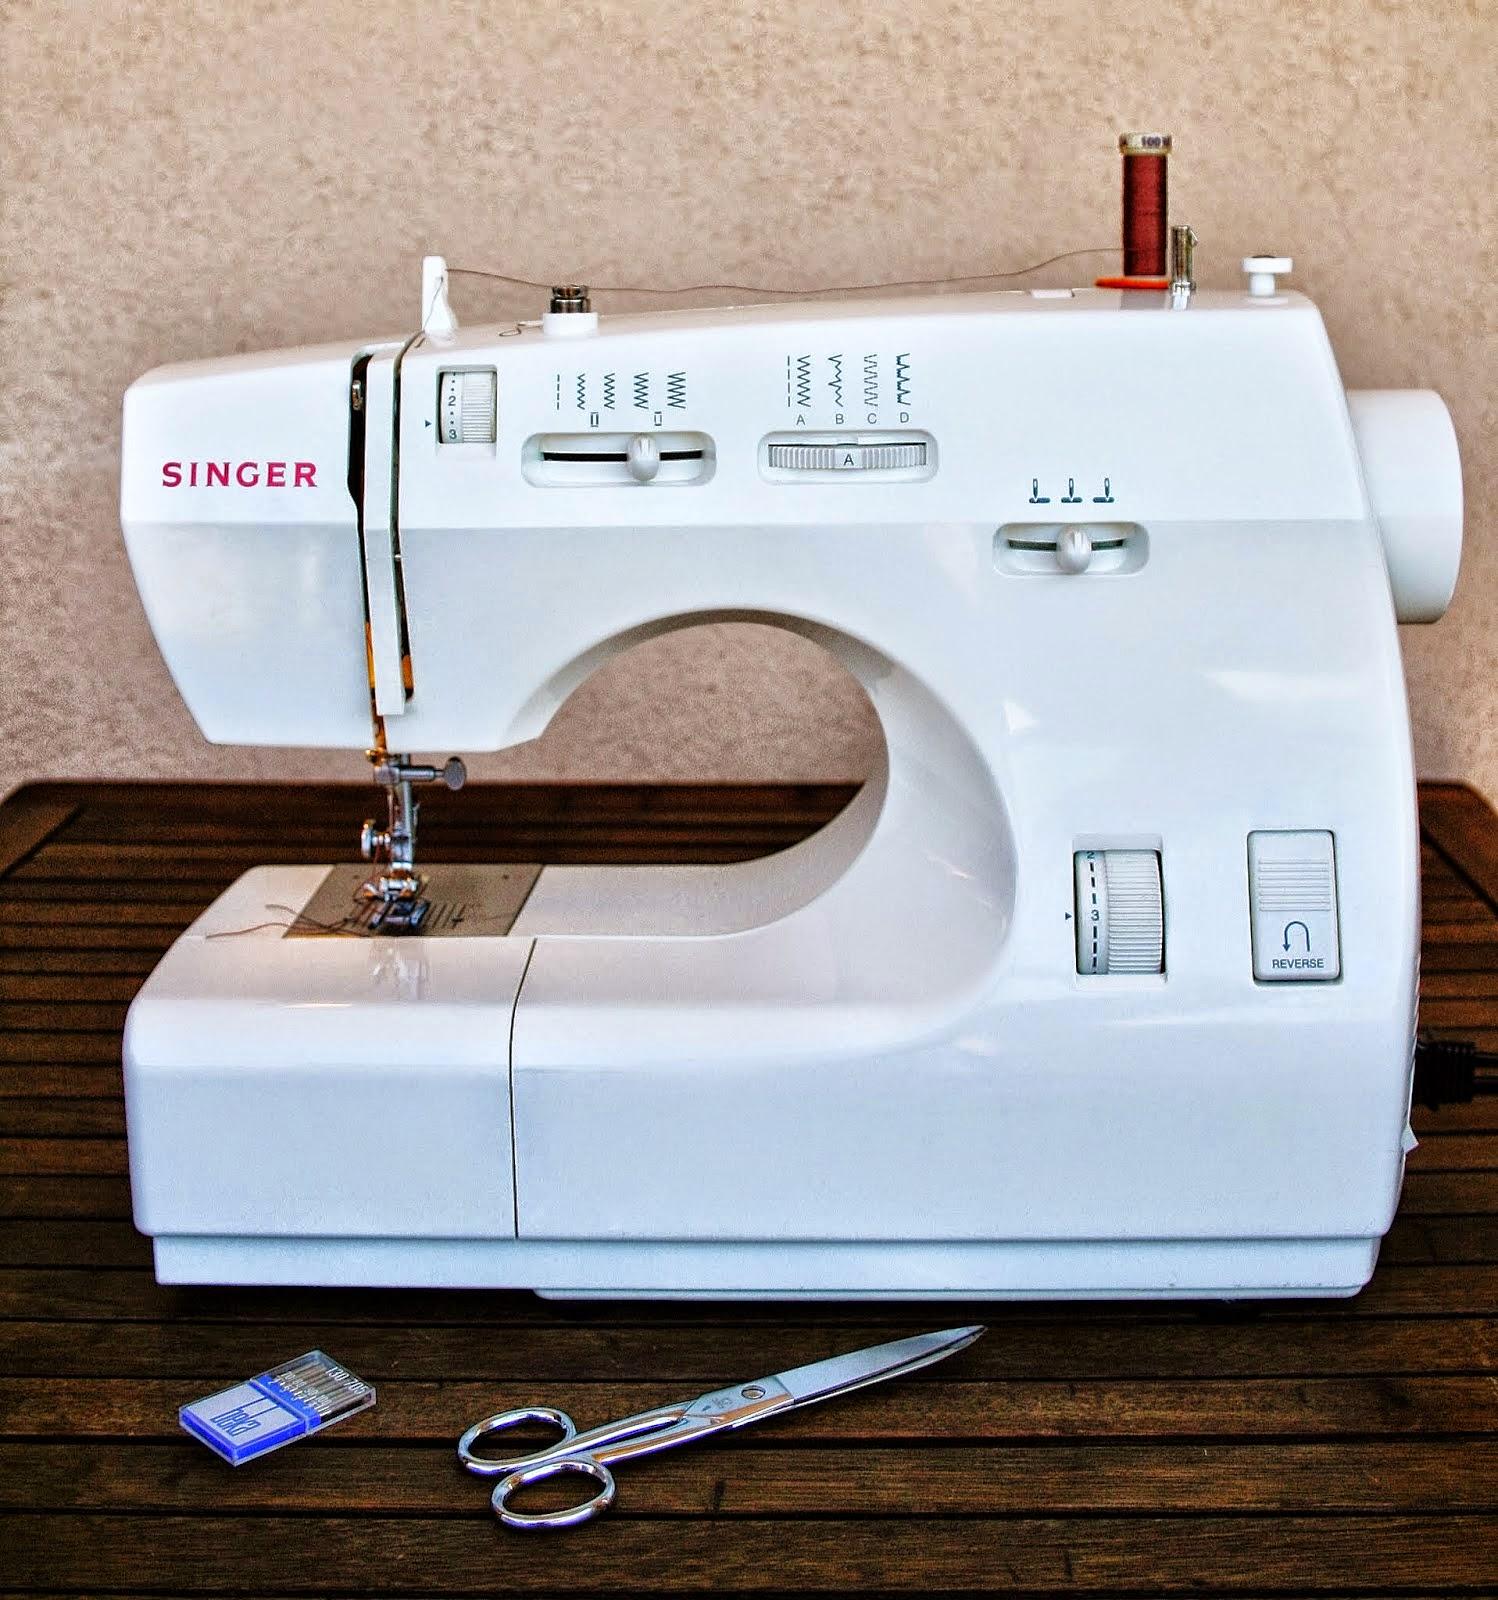 l s com tons manual de instru es da singer mod 345 rh lavoresfl blogspot com Printable Singer Sewing Machine Manuals Singer Sewing Machine Instruction Manual